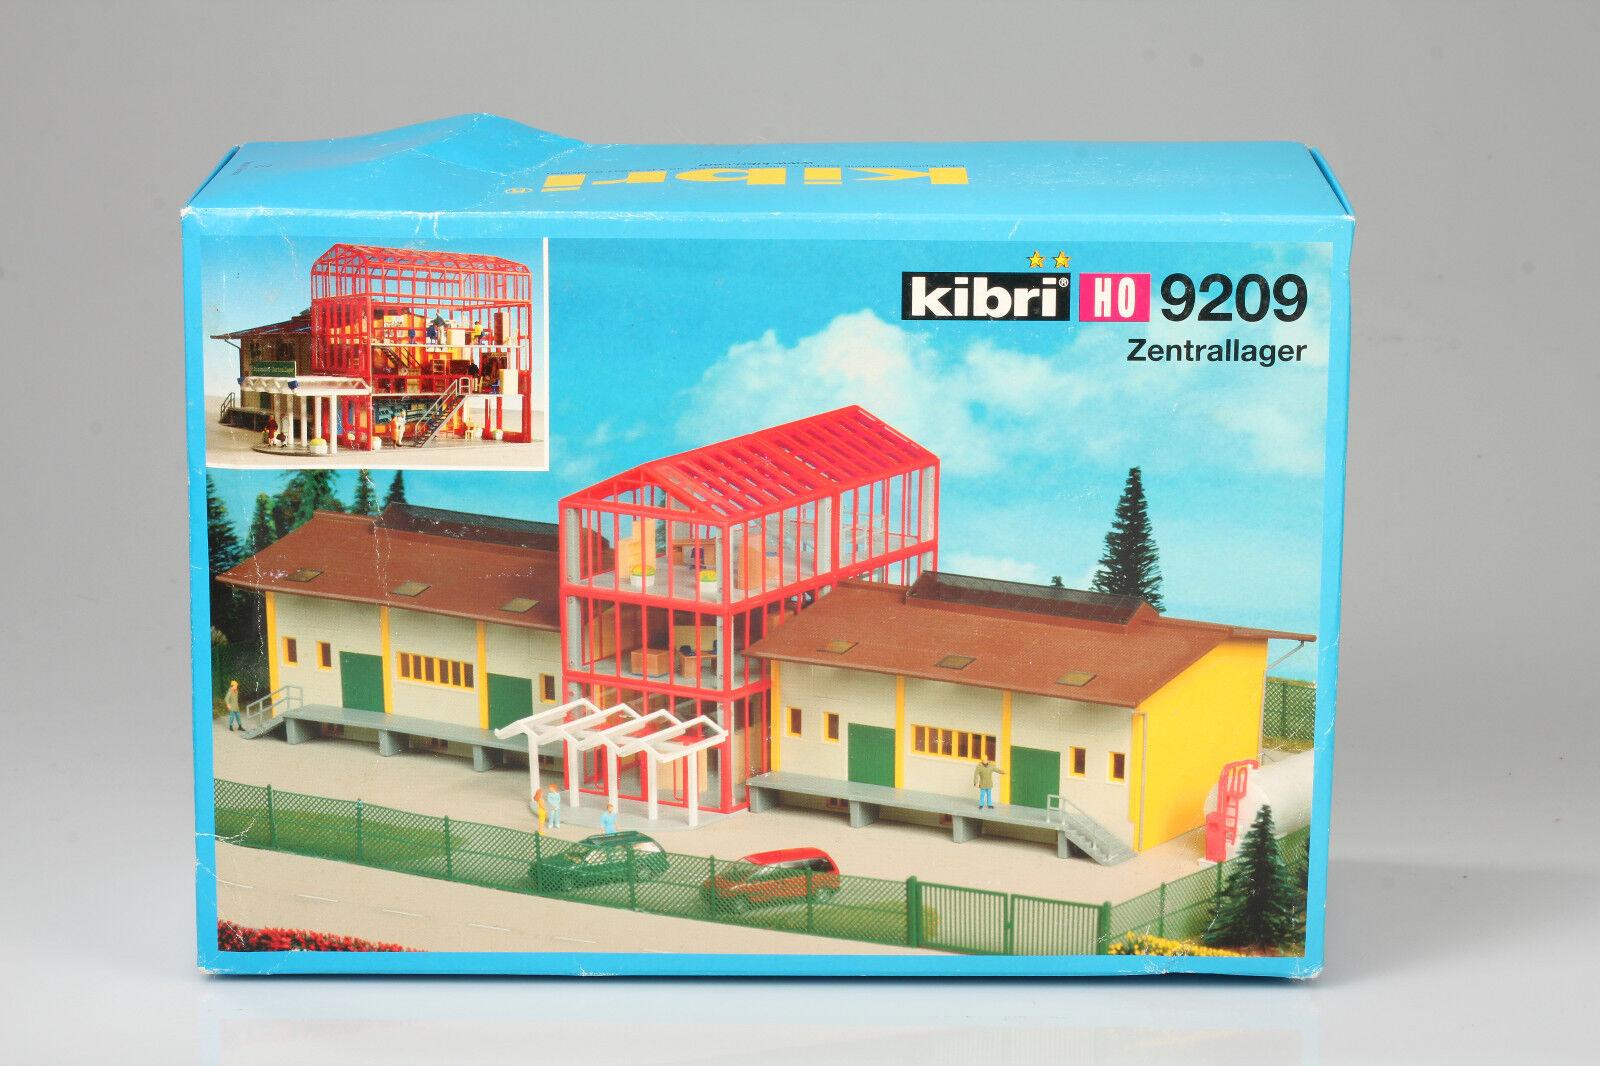 Kibri h0 grand zentrallager 40, 5x20cm kit de cheminot cachette secr  te